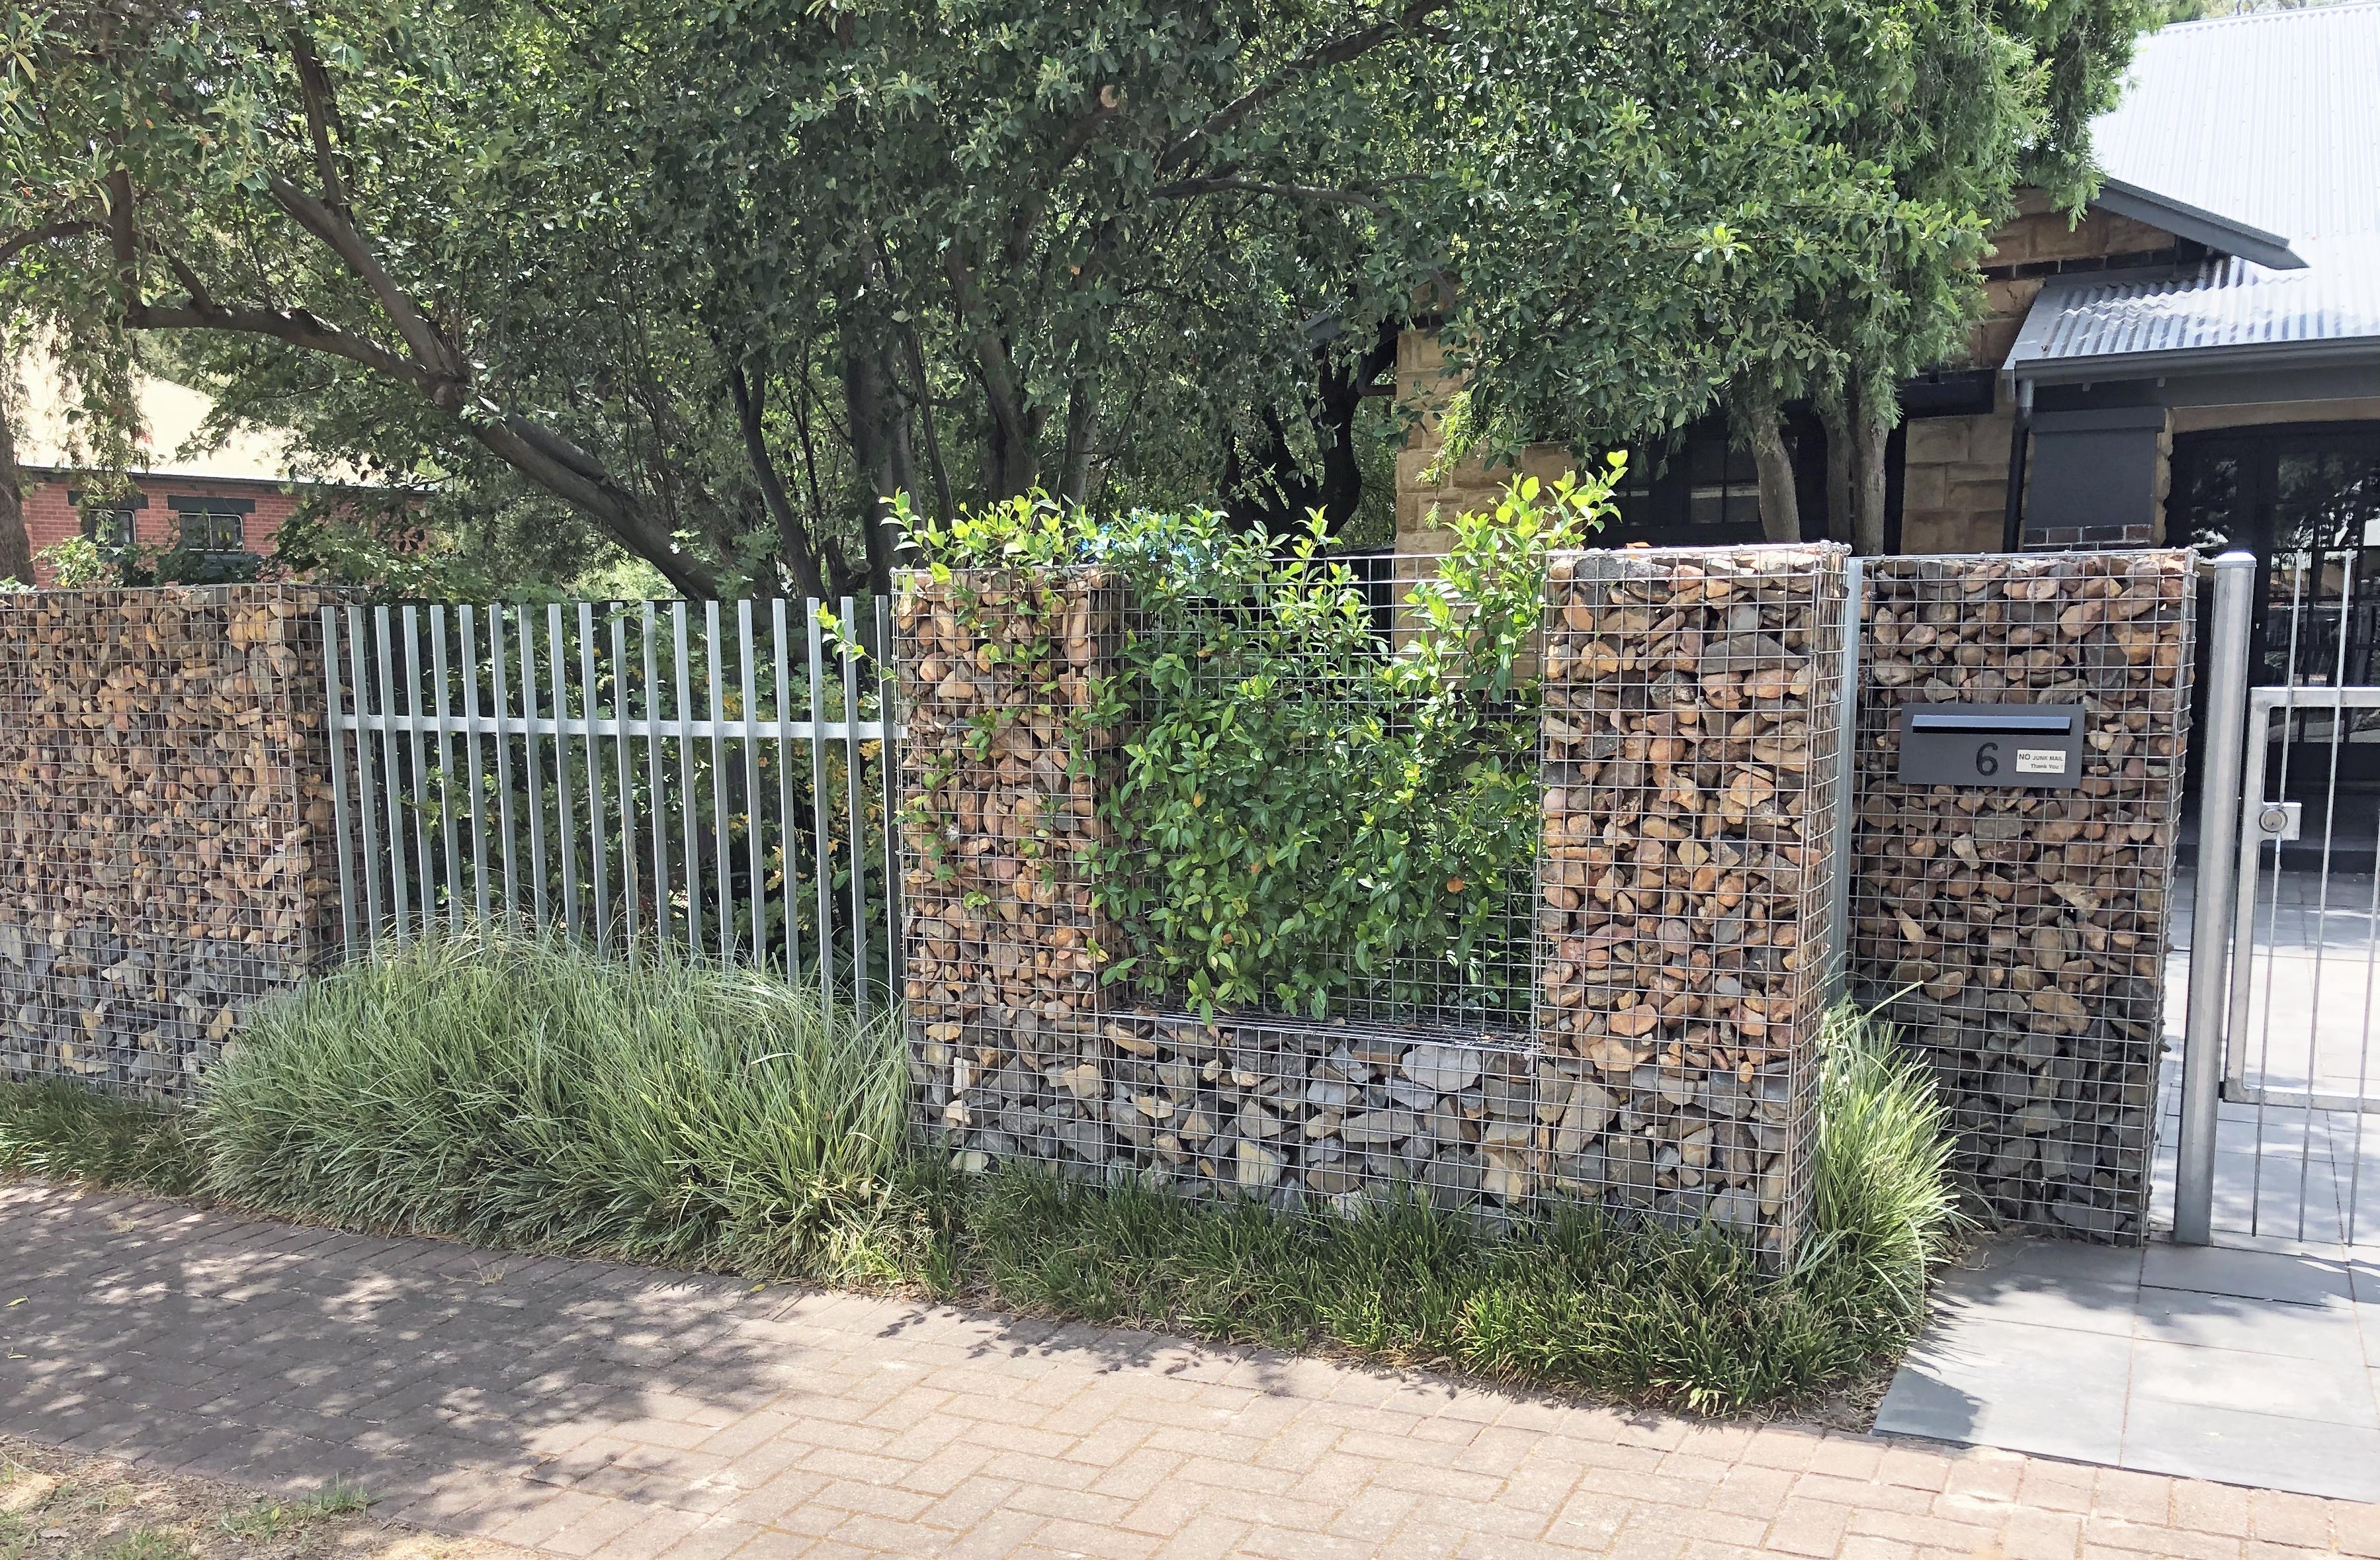 Kennaway Street Rockweld Fence